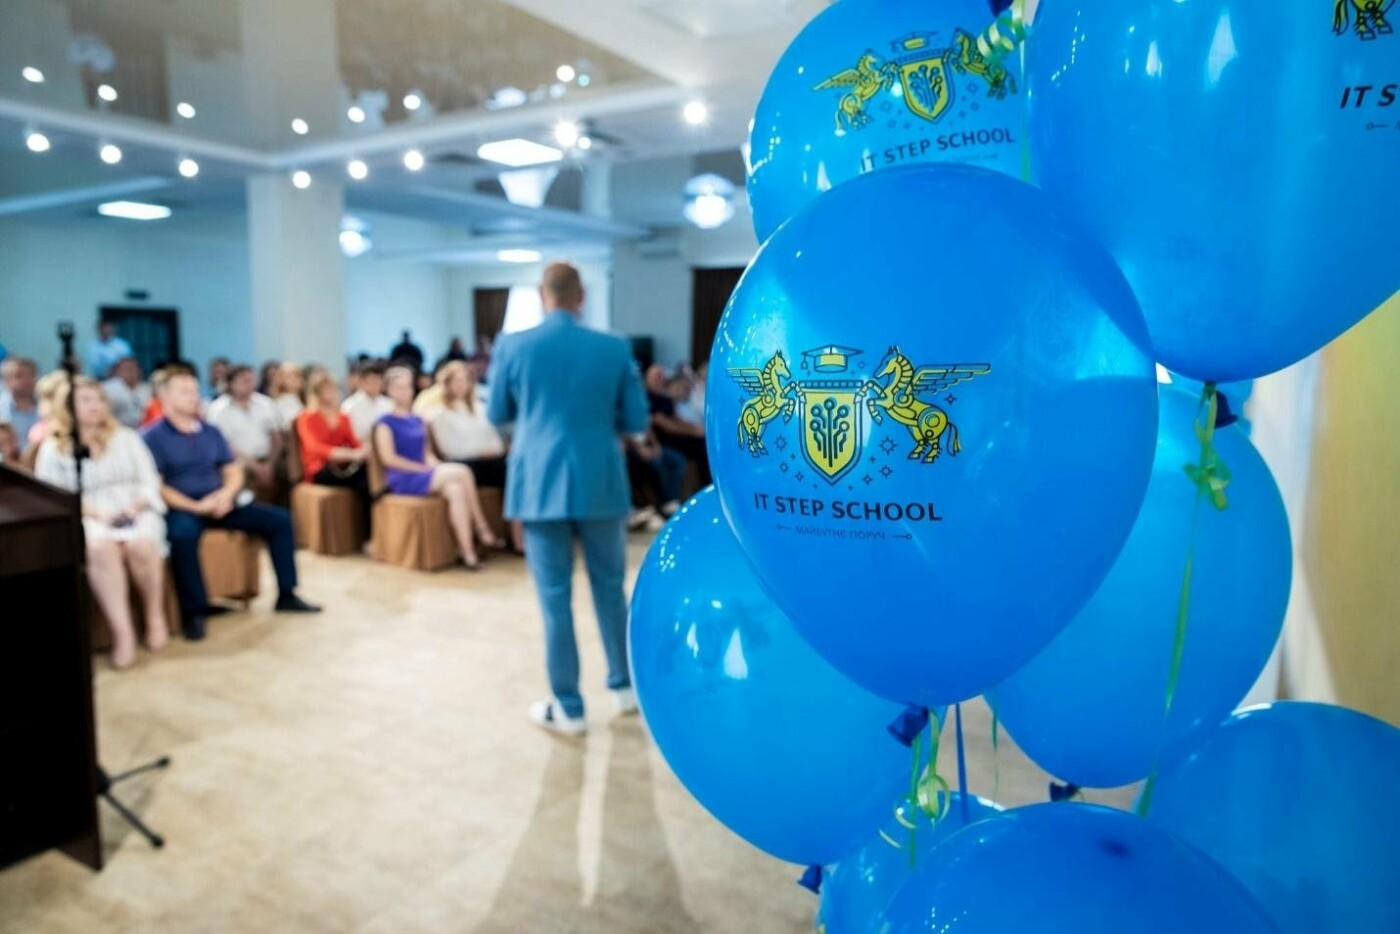 ШАГ открыл в Харькове общеобразовательную школу нового формата, фото-2